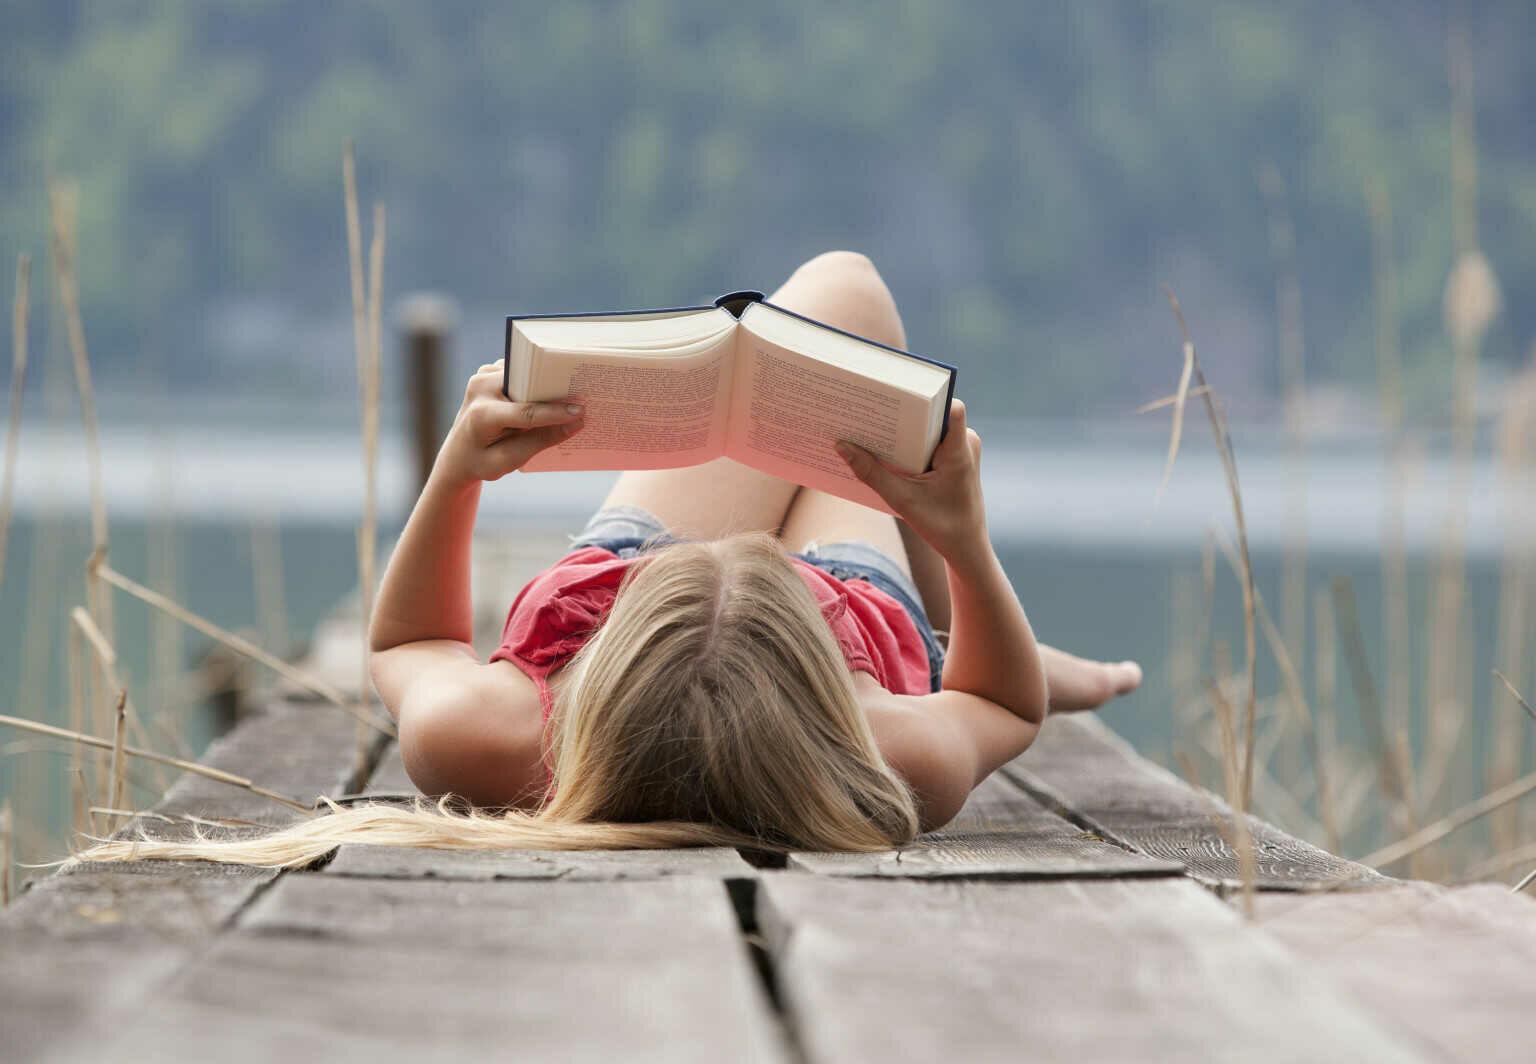 Válassz egy jó könyvet!